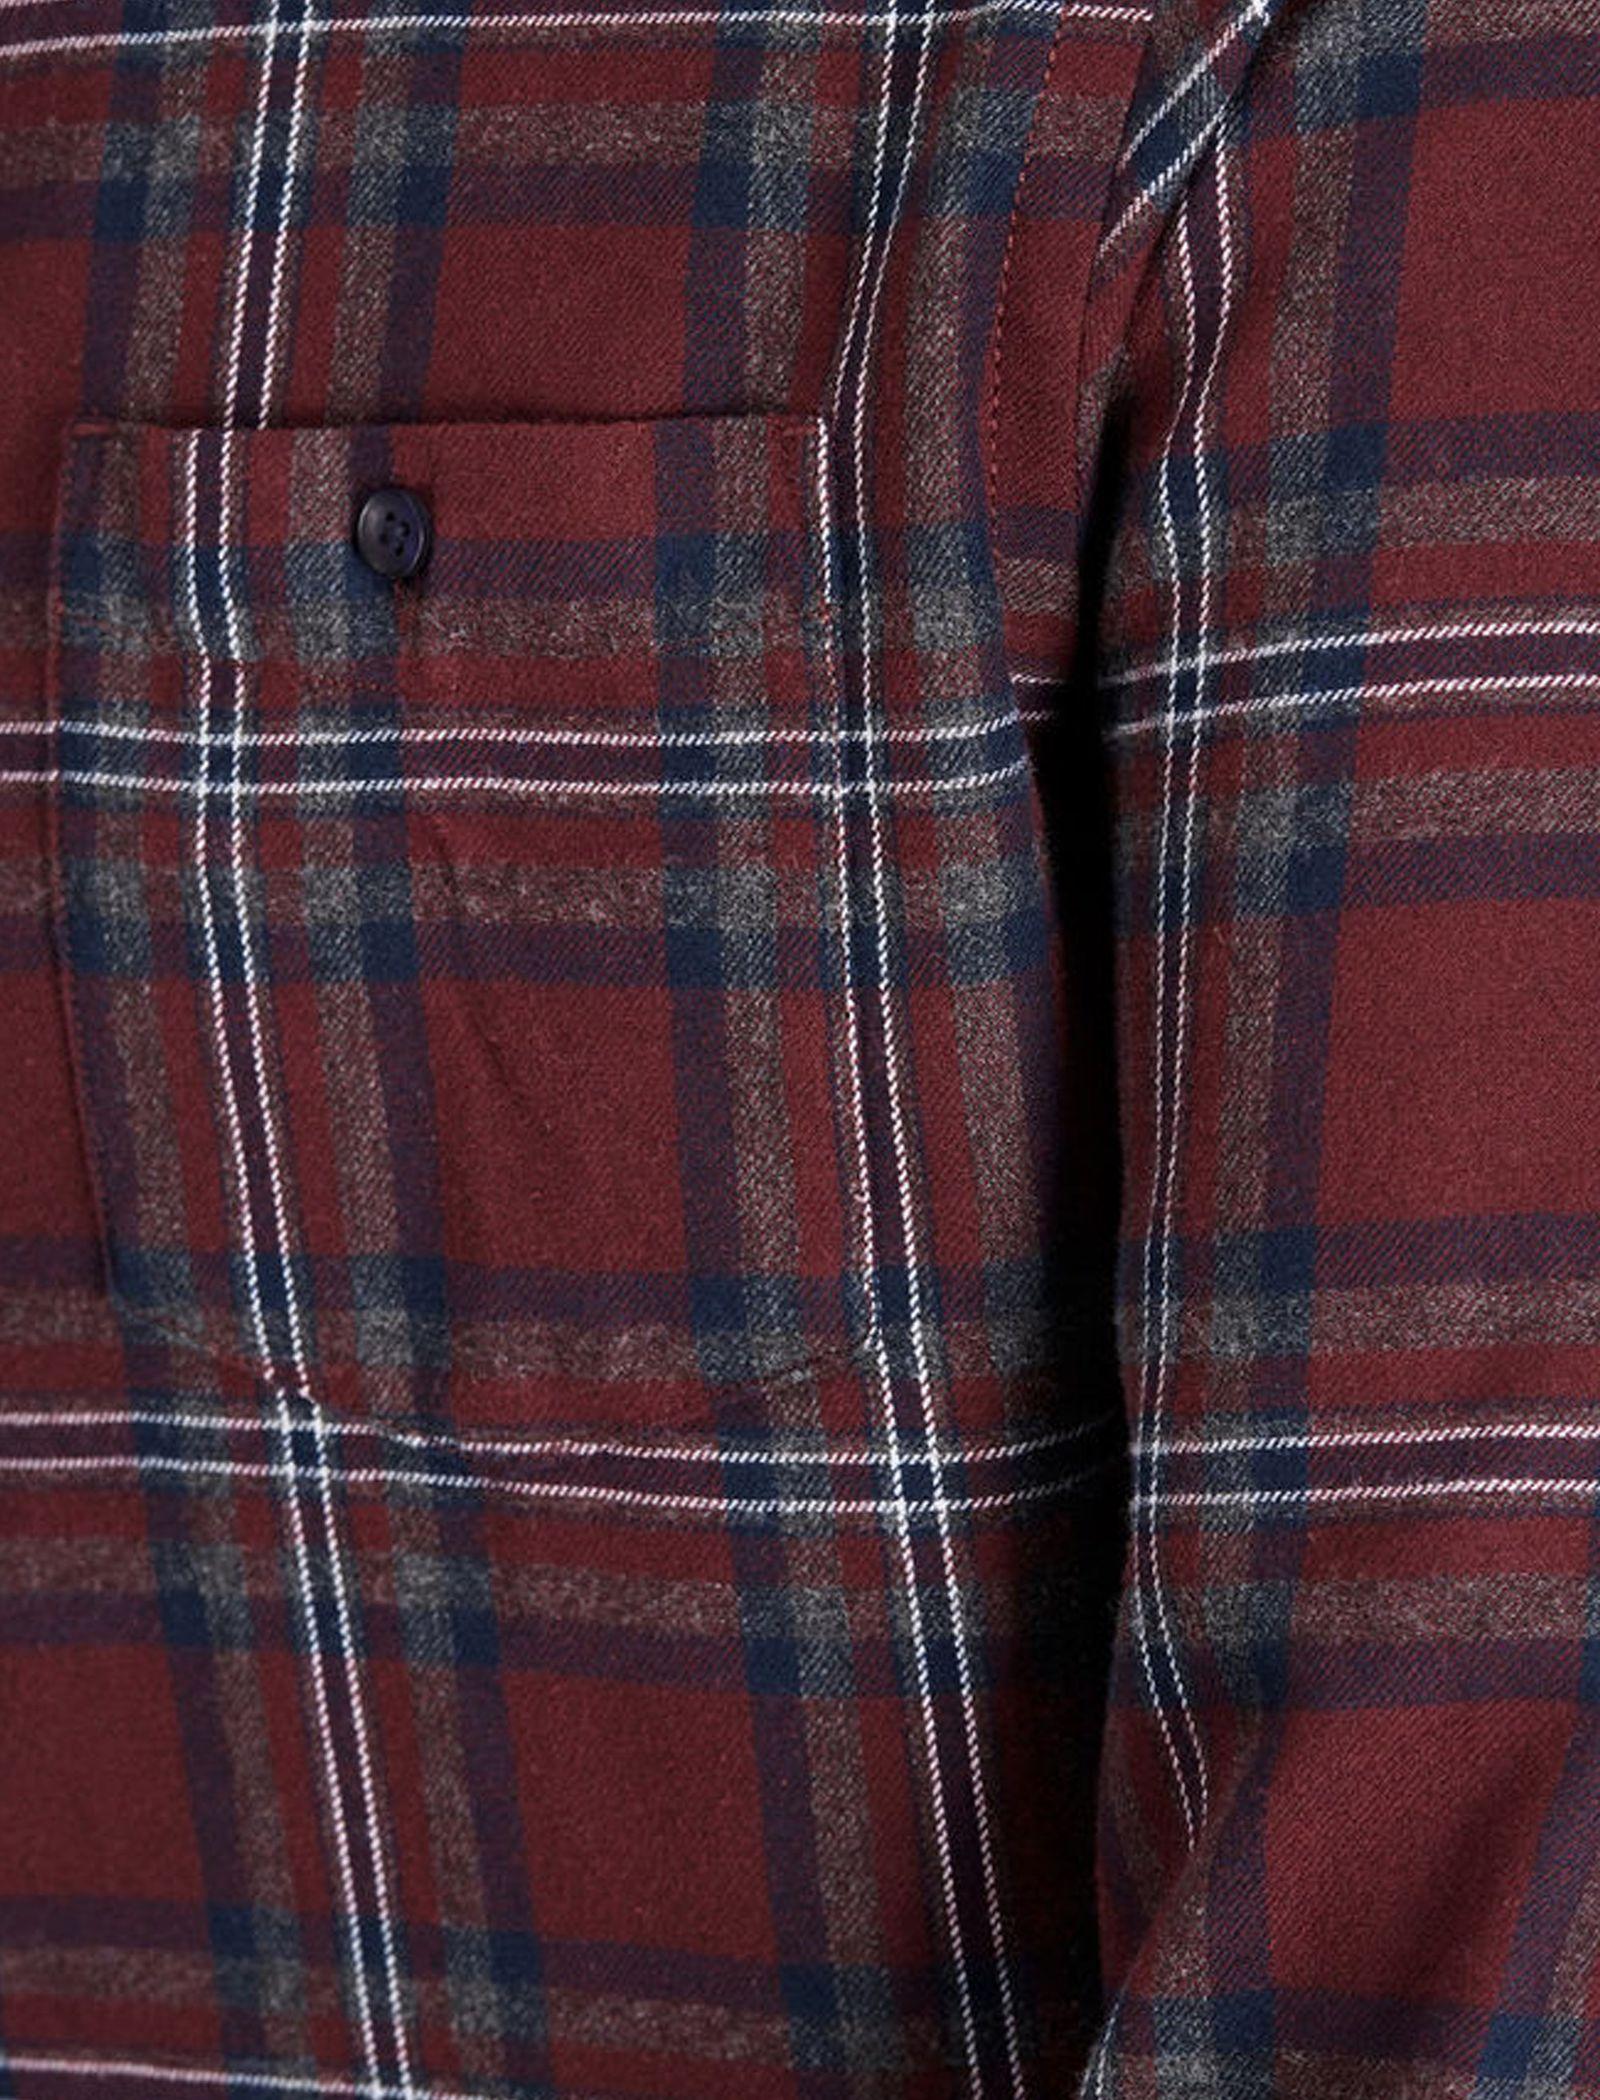 پیراهن نخی آستین بلند مردانه - جک اند جونز - زرشکي - 6